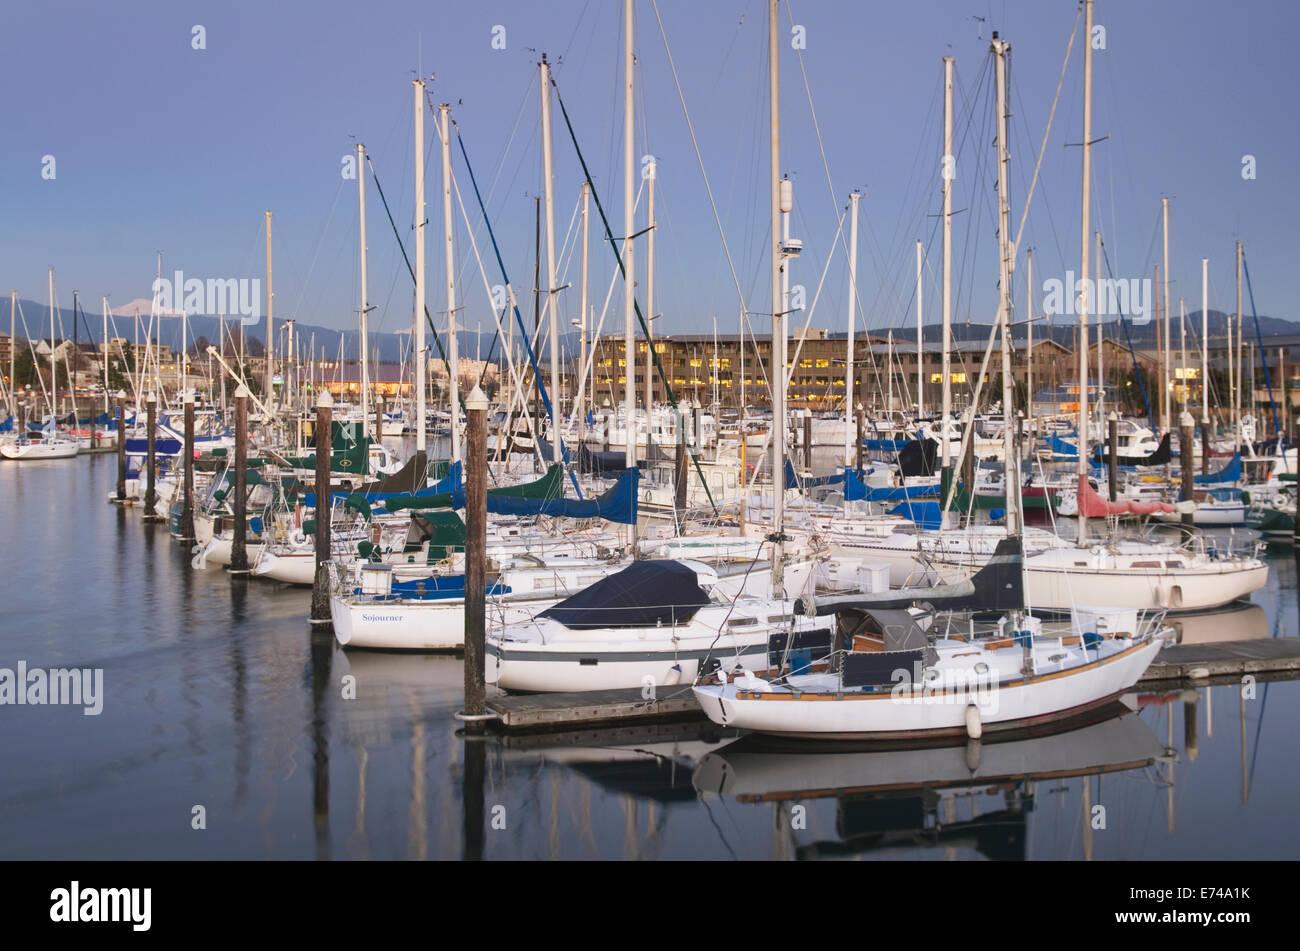 Yachts in the Squalicum Marina at dusk, Bellingham bay Washington - Stock Image